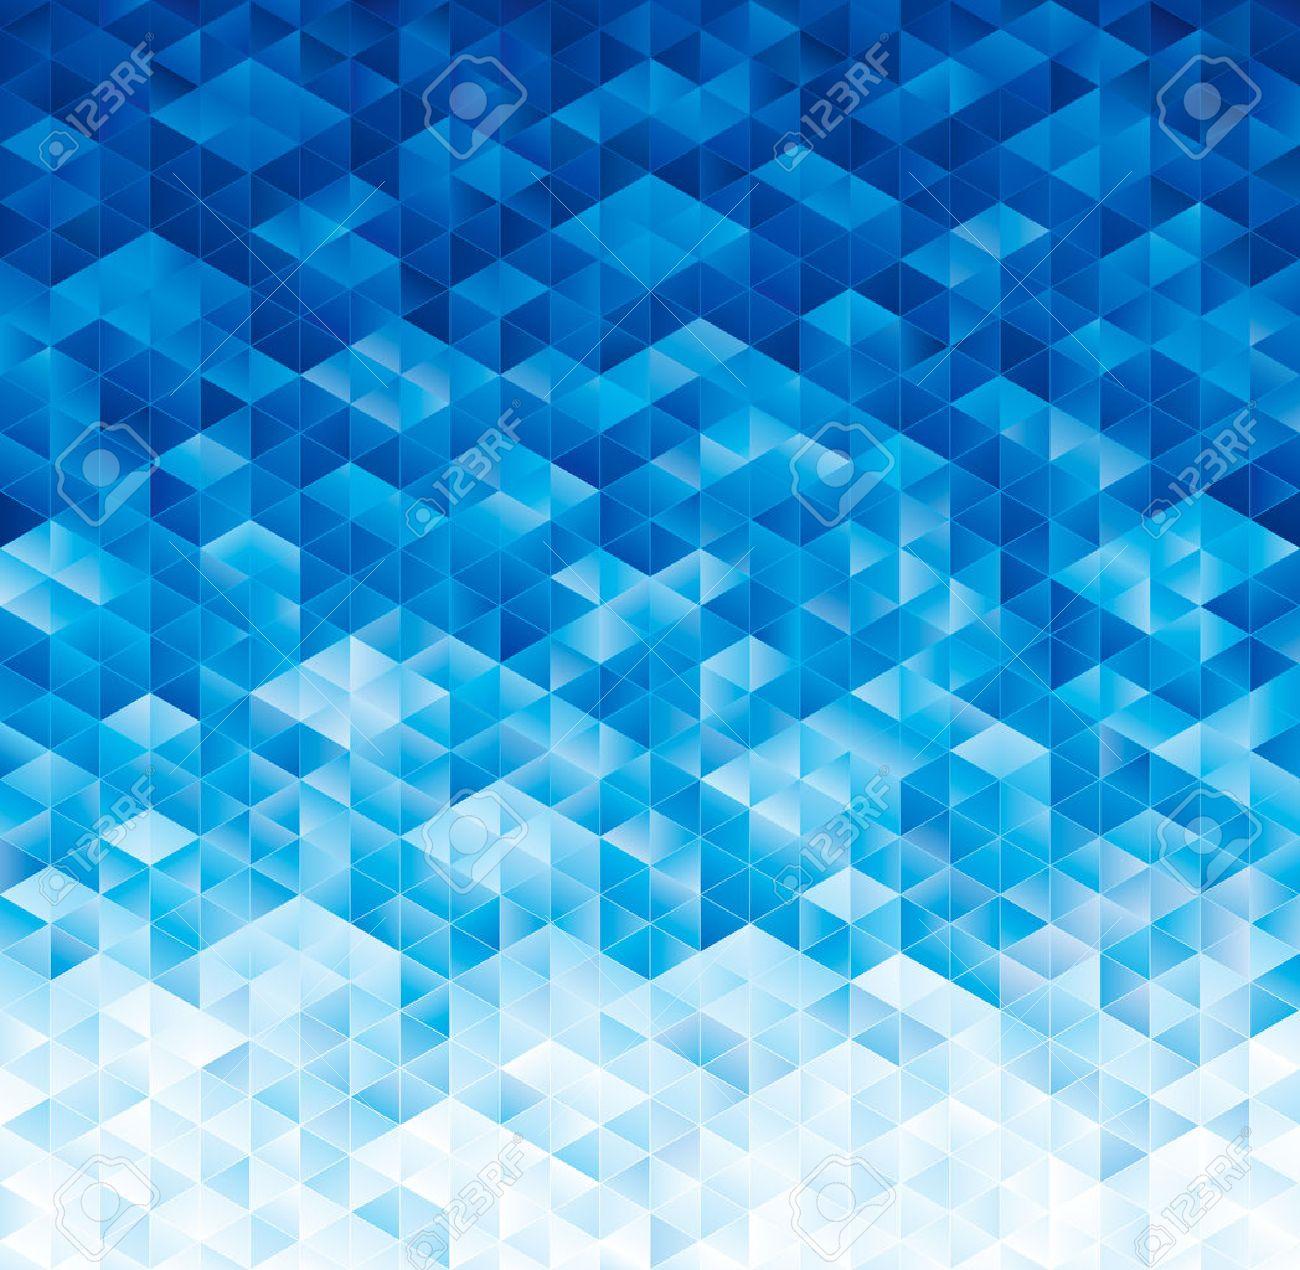 Texture mosaique banque d'images, vecteurs et illustrations libres ...